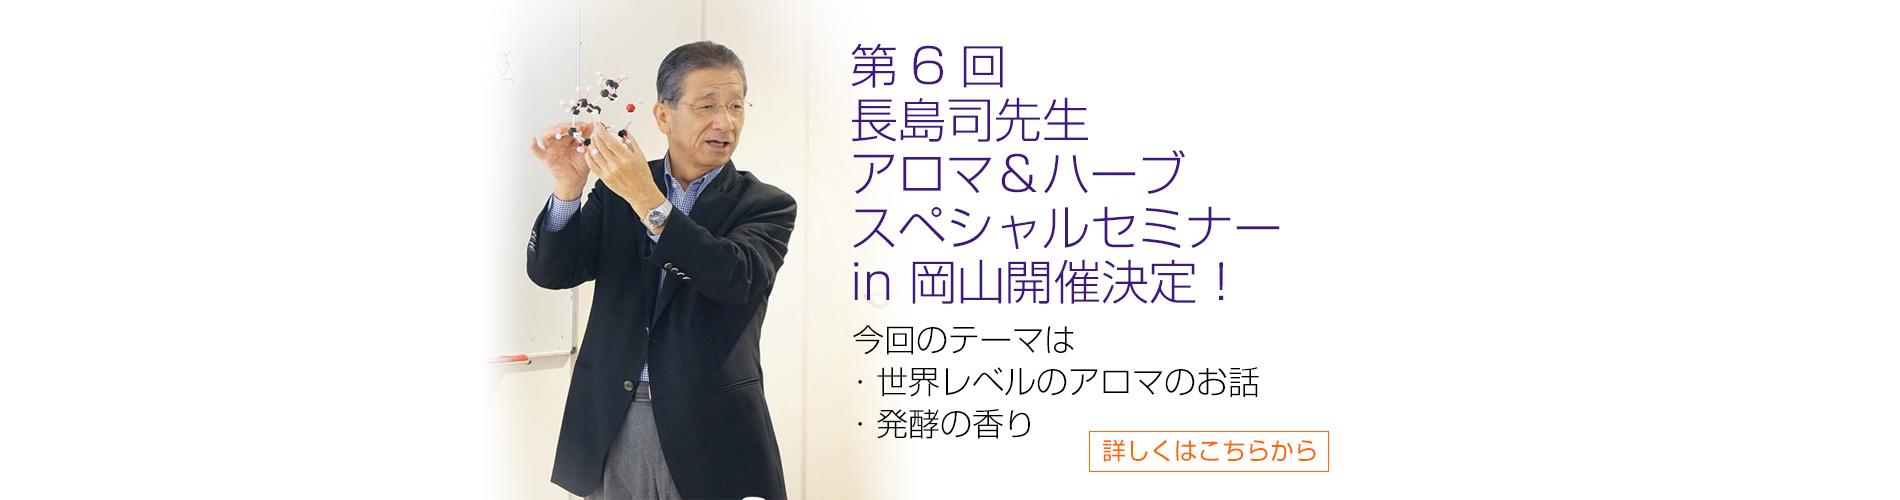 第6回 長島司先生アロマ&ハーブスペシャルセミナー in 岡山開催決定!